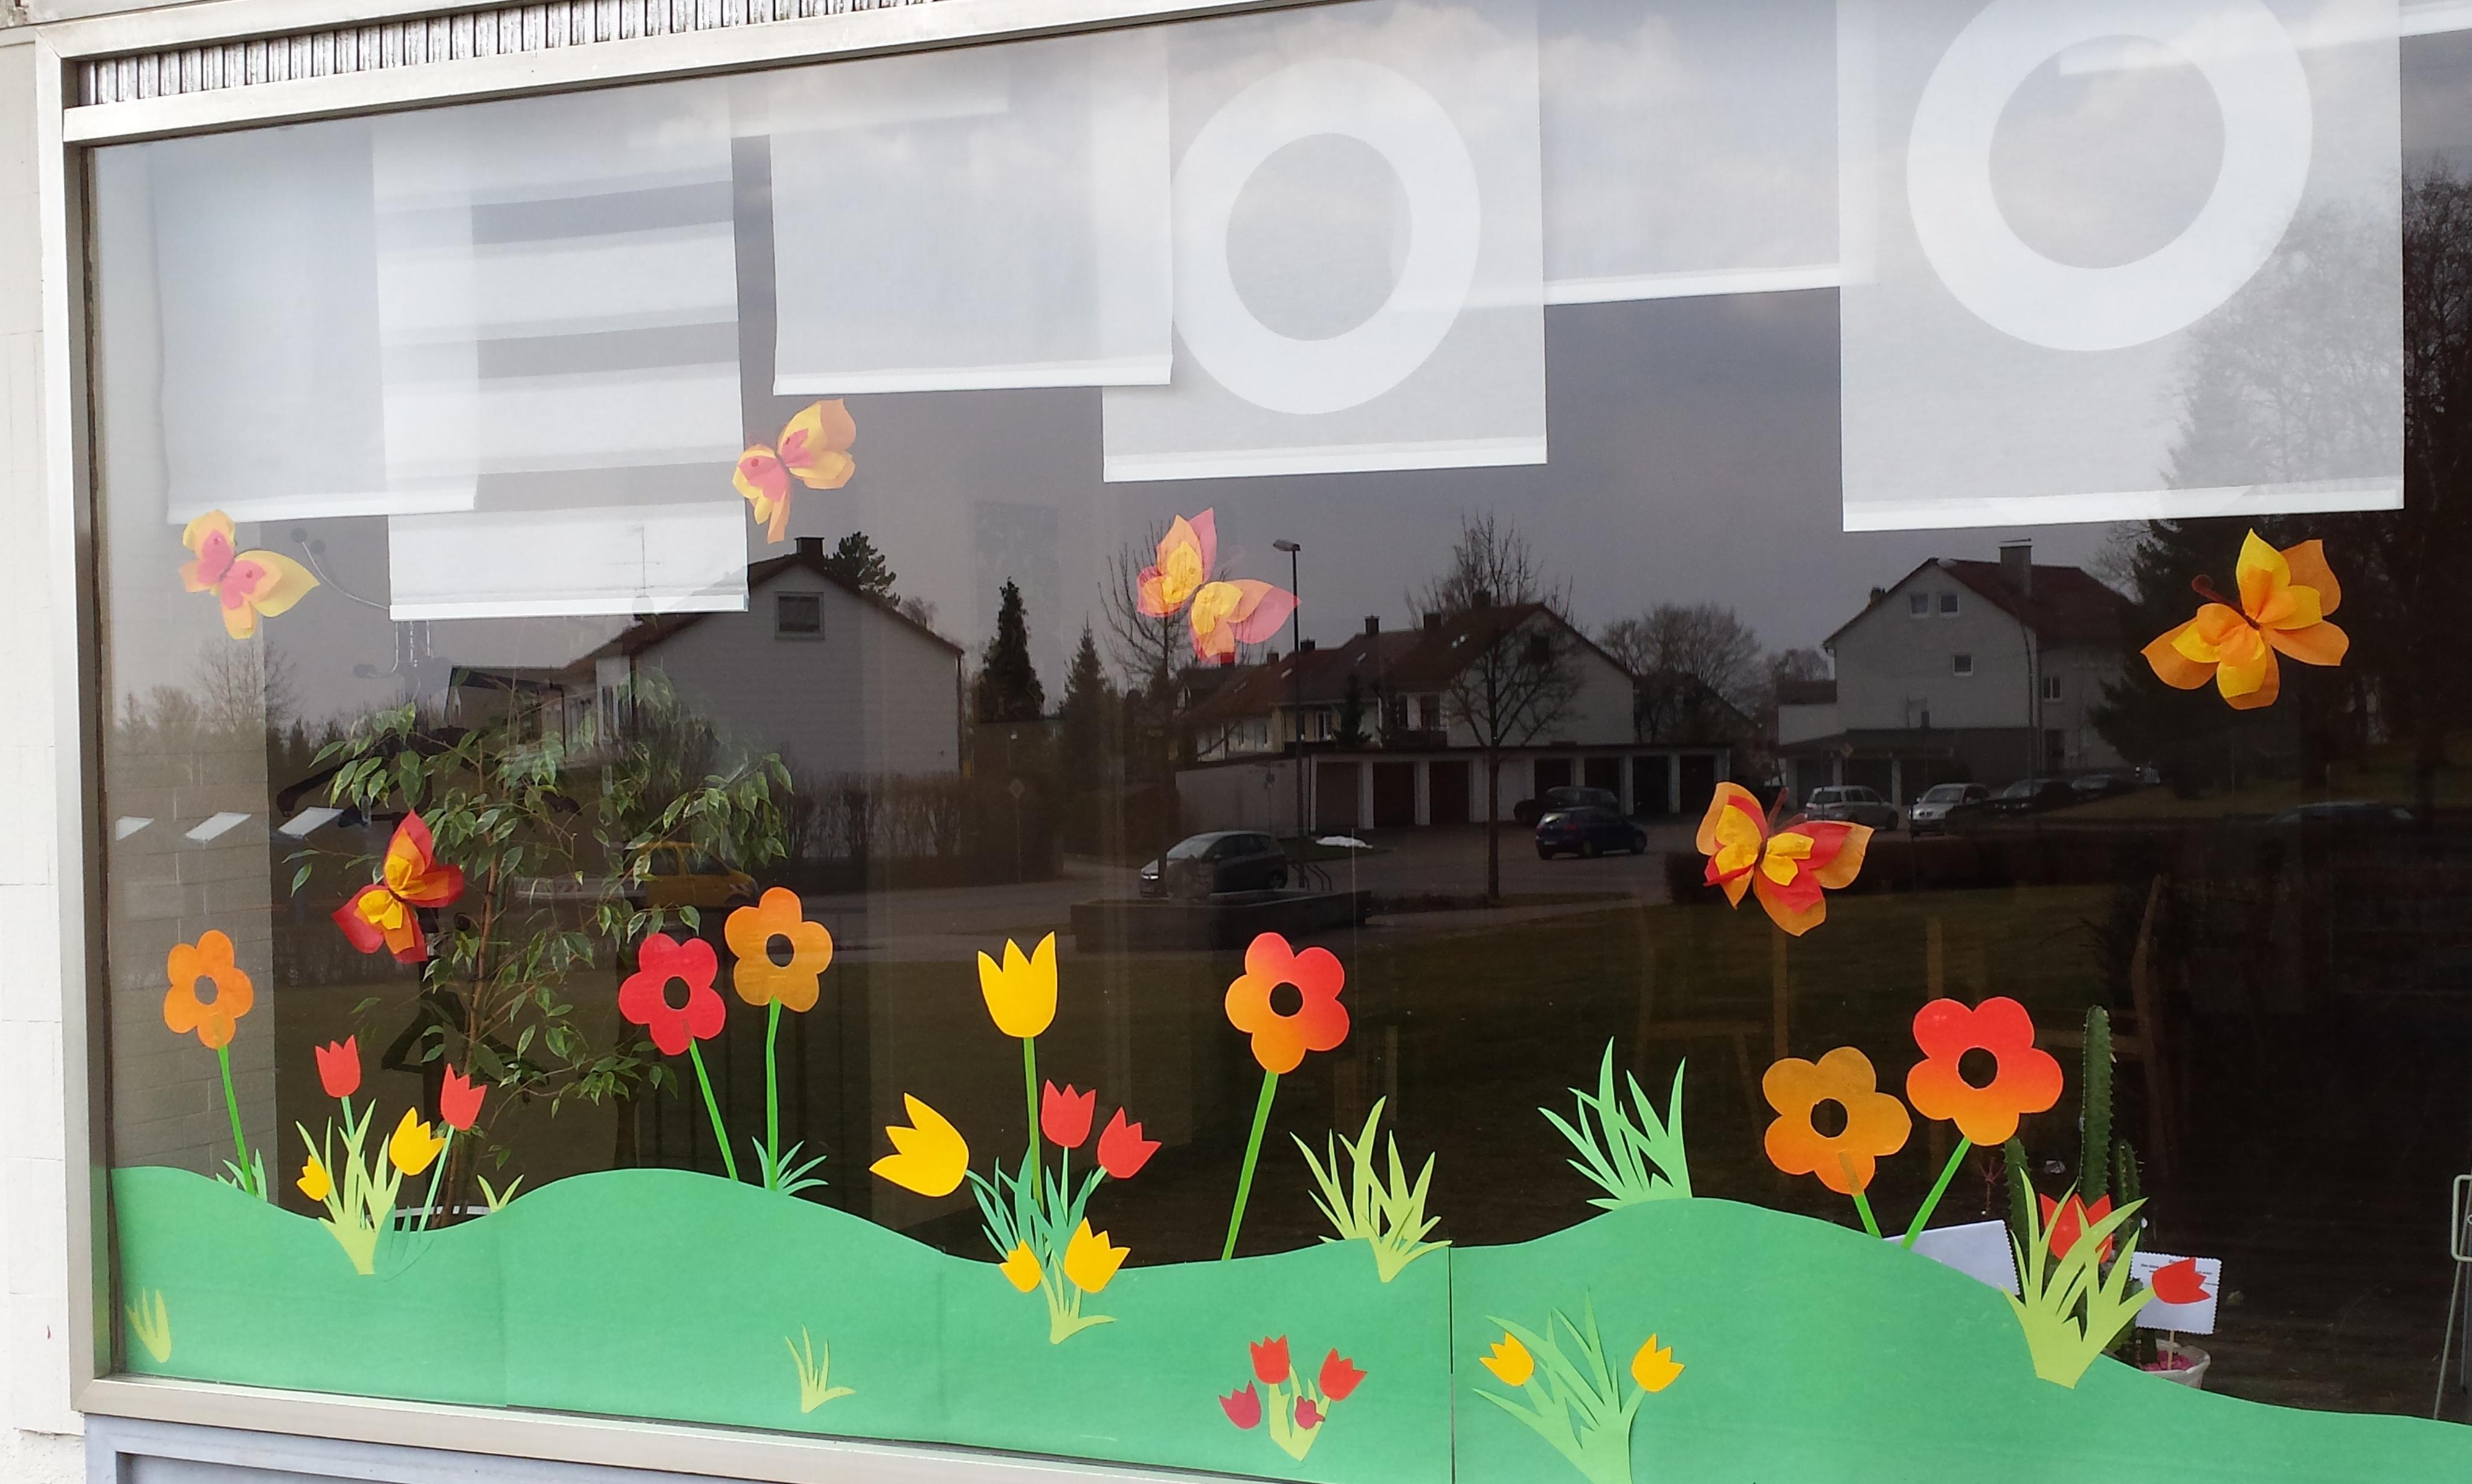 Fensterfront Stadtteiltreff Zanger Berg März 2018